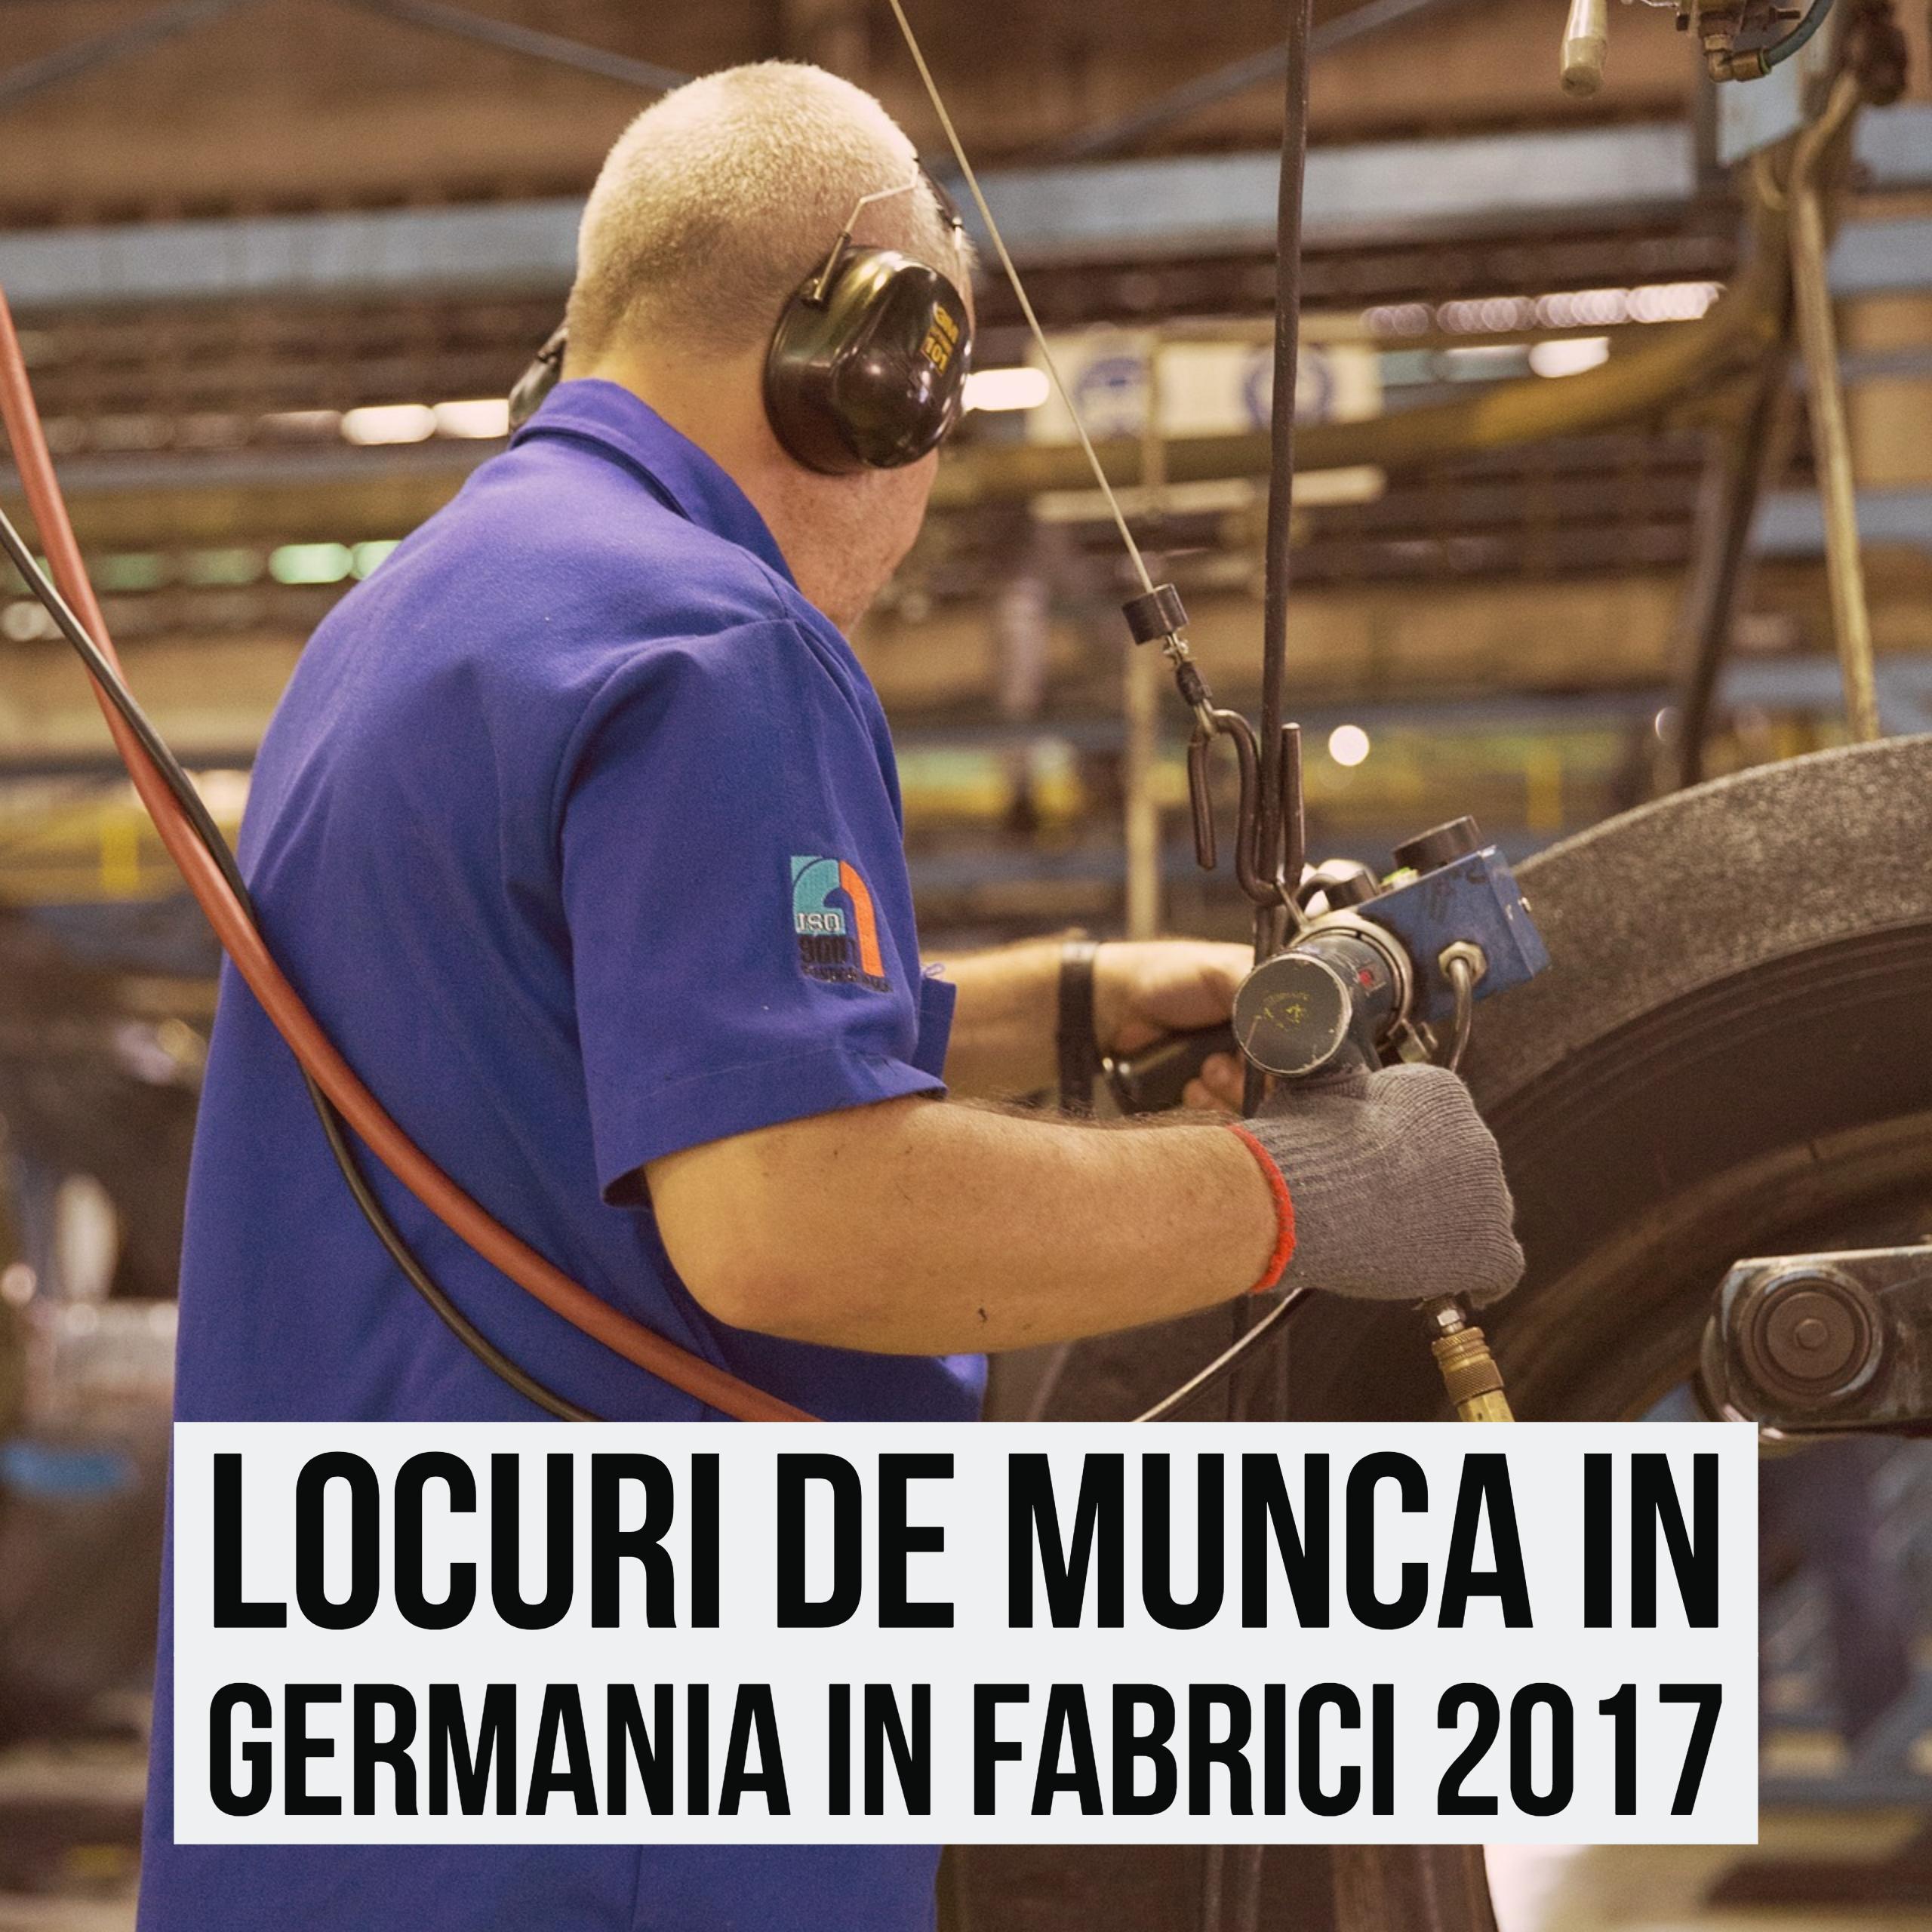 Locuri de munca in Germania in fabrici 2017